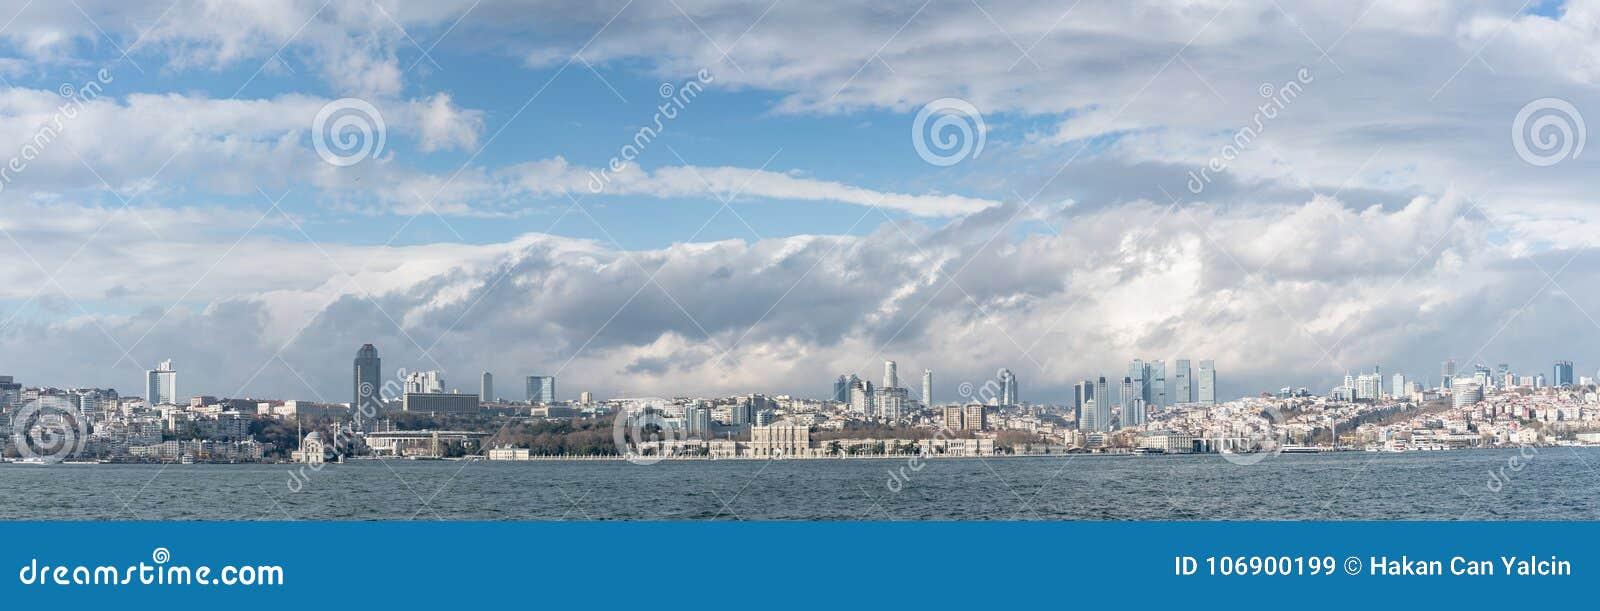 Panoramiczny pejzaż miejski nad Bosphorus w Istanbuł Turcja